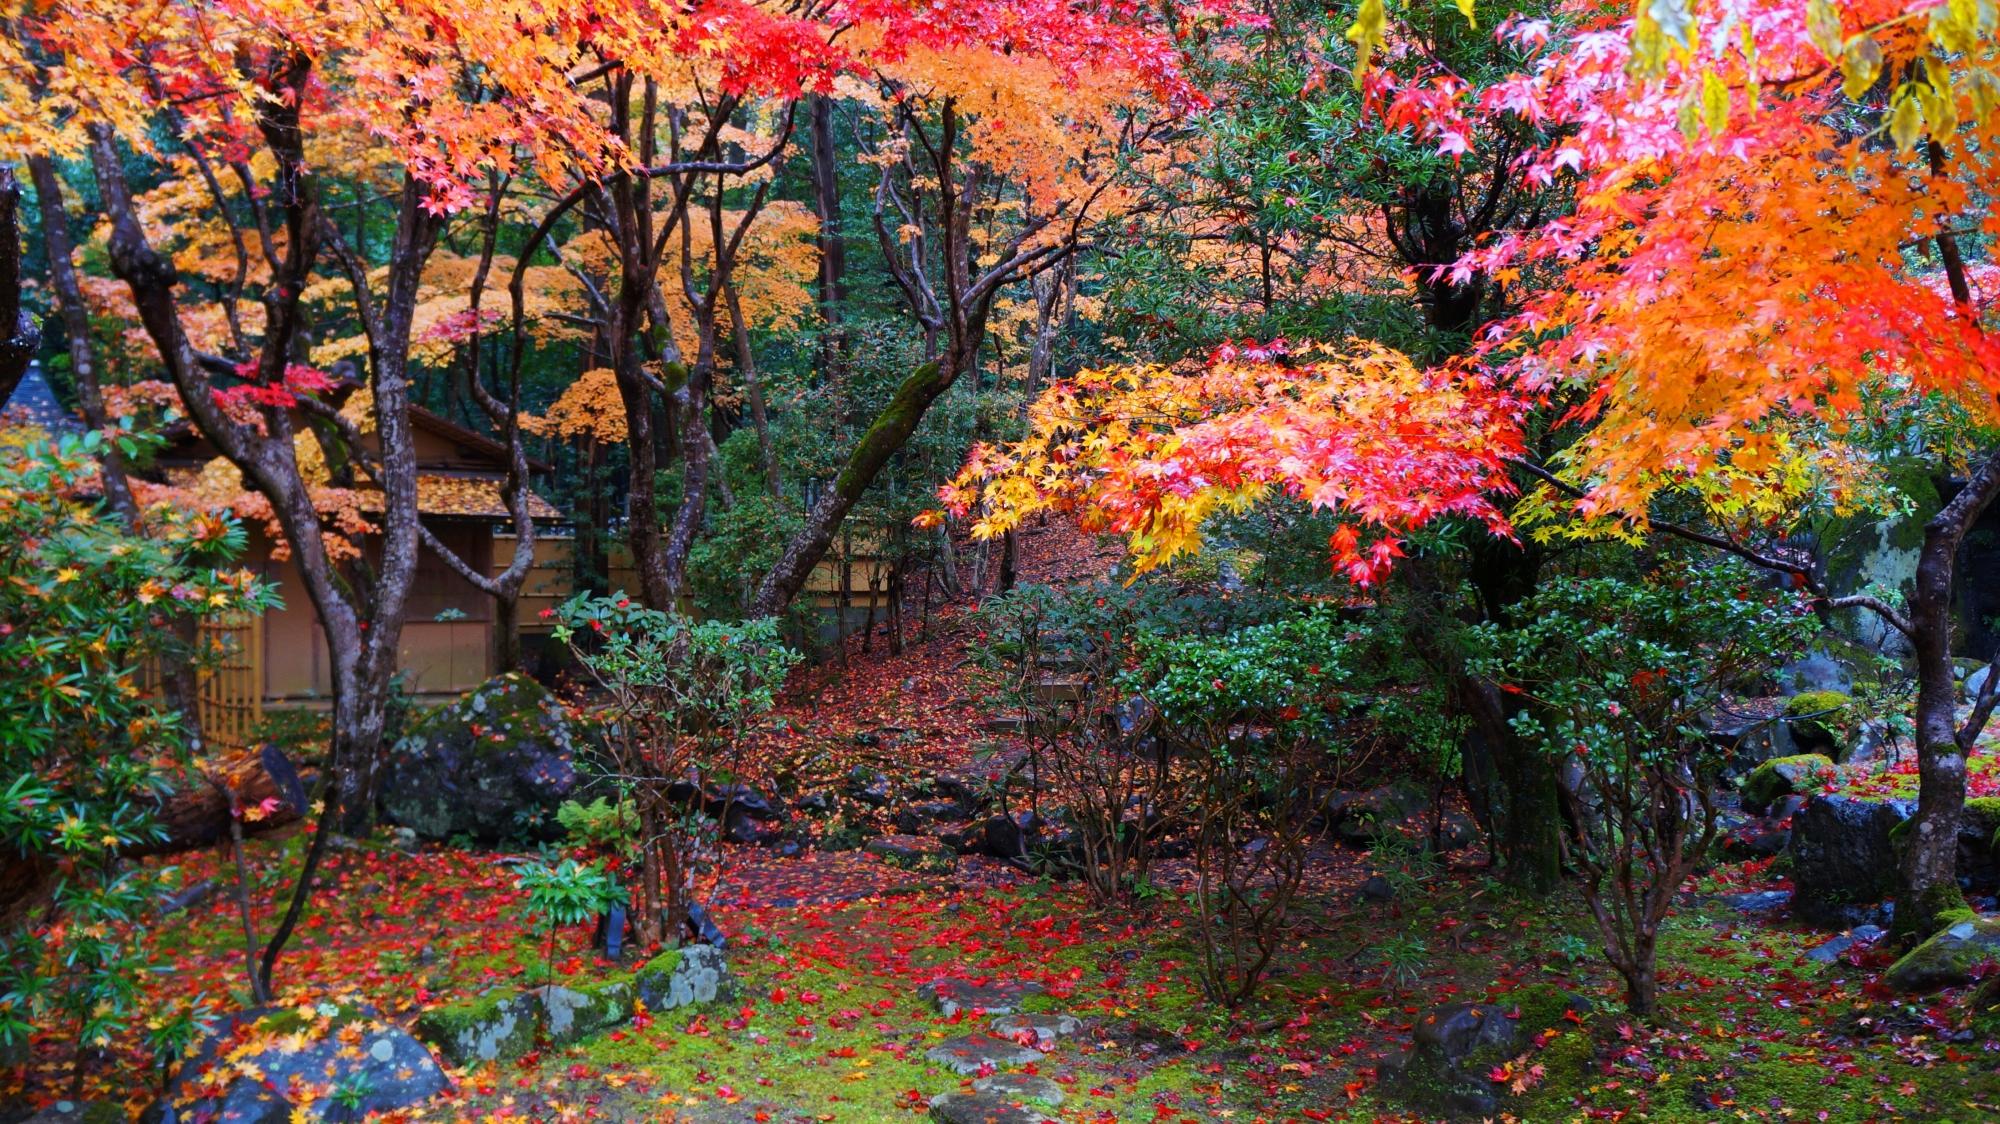 見事な秋色の庭園の栖賢寺